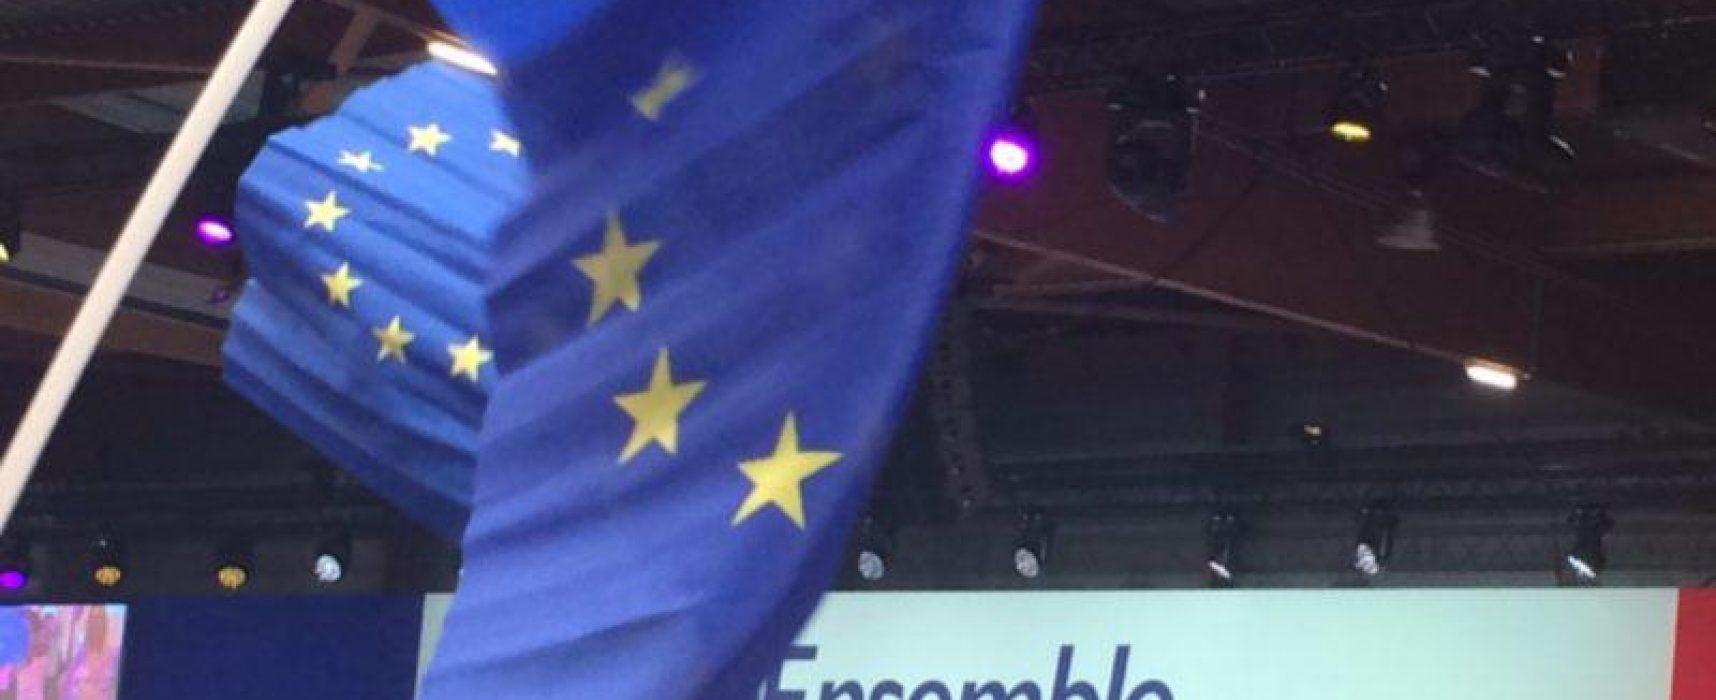 A La Villette, Macron insiste sur les valeurs républicaines et l'Europe